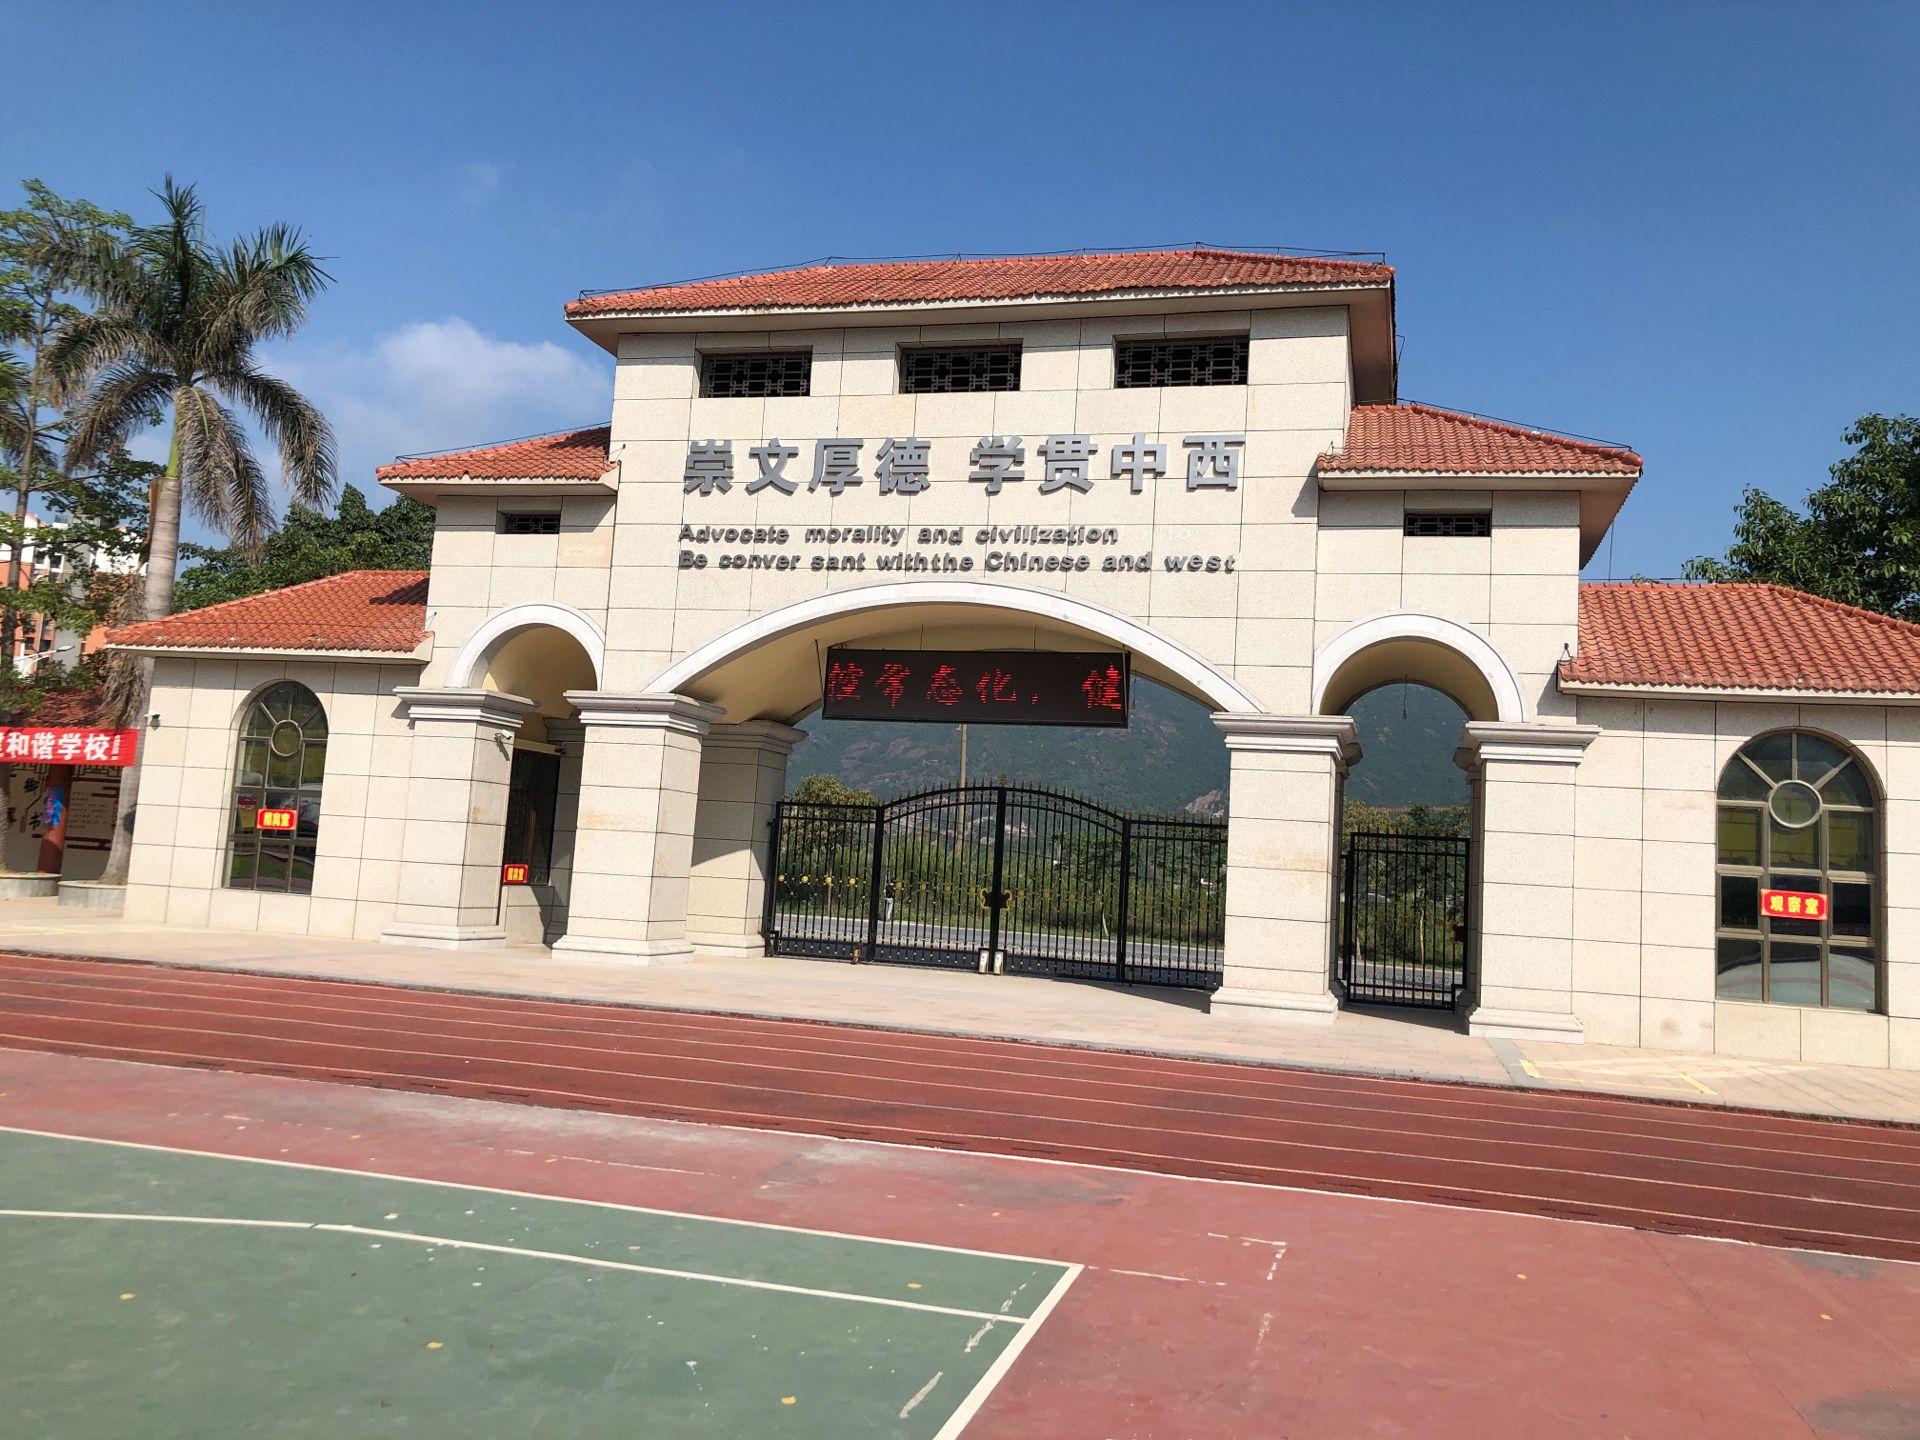 changchenxuexiao3.png